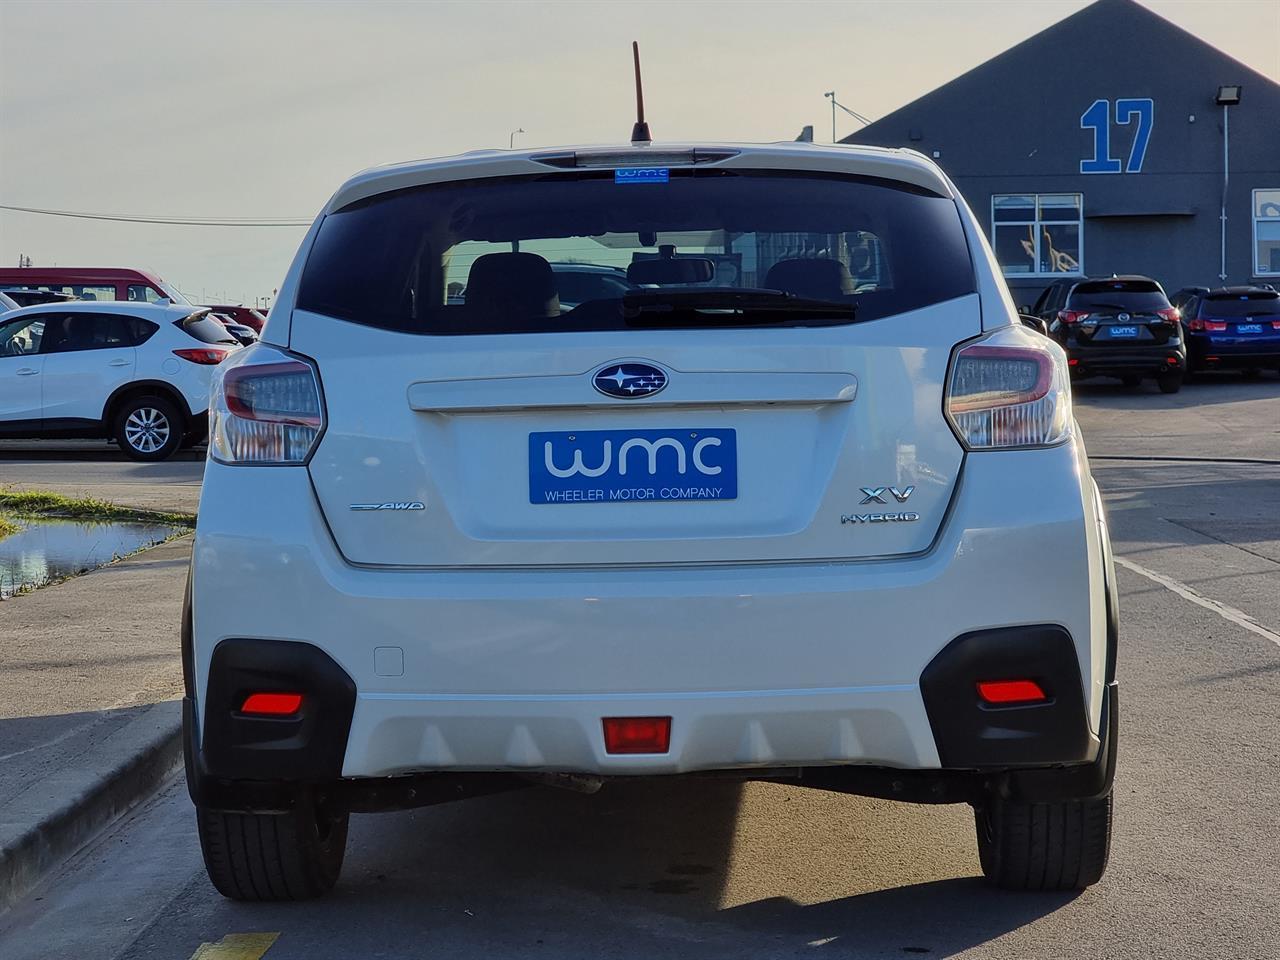 image-6, 2014 Subaru XV Hybrid 4WD at Christchurch